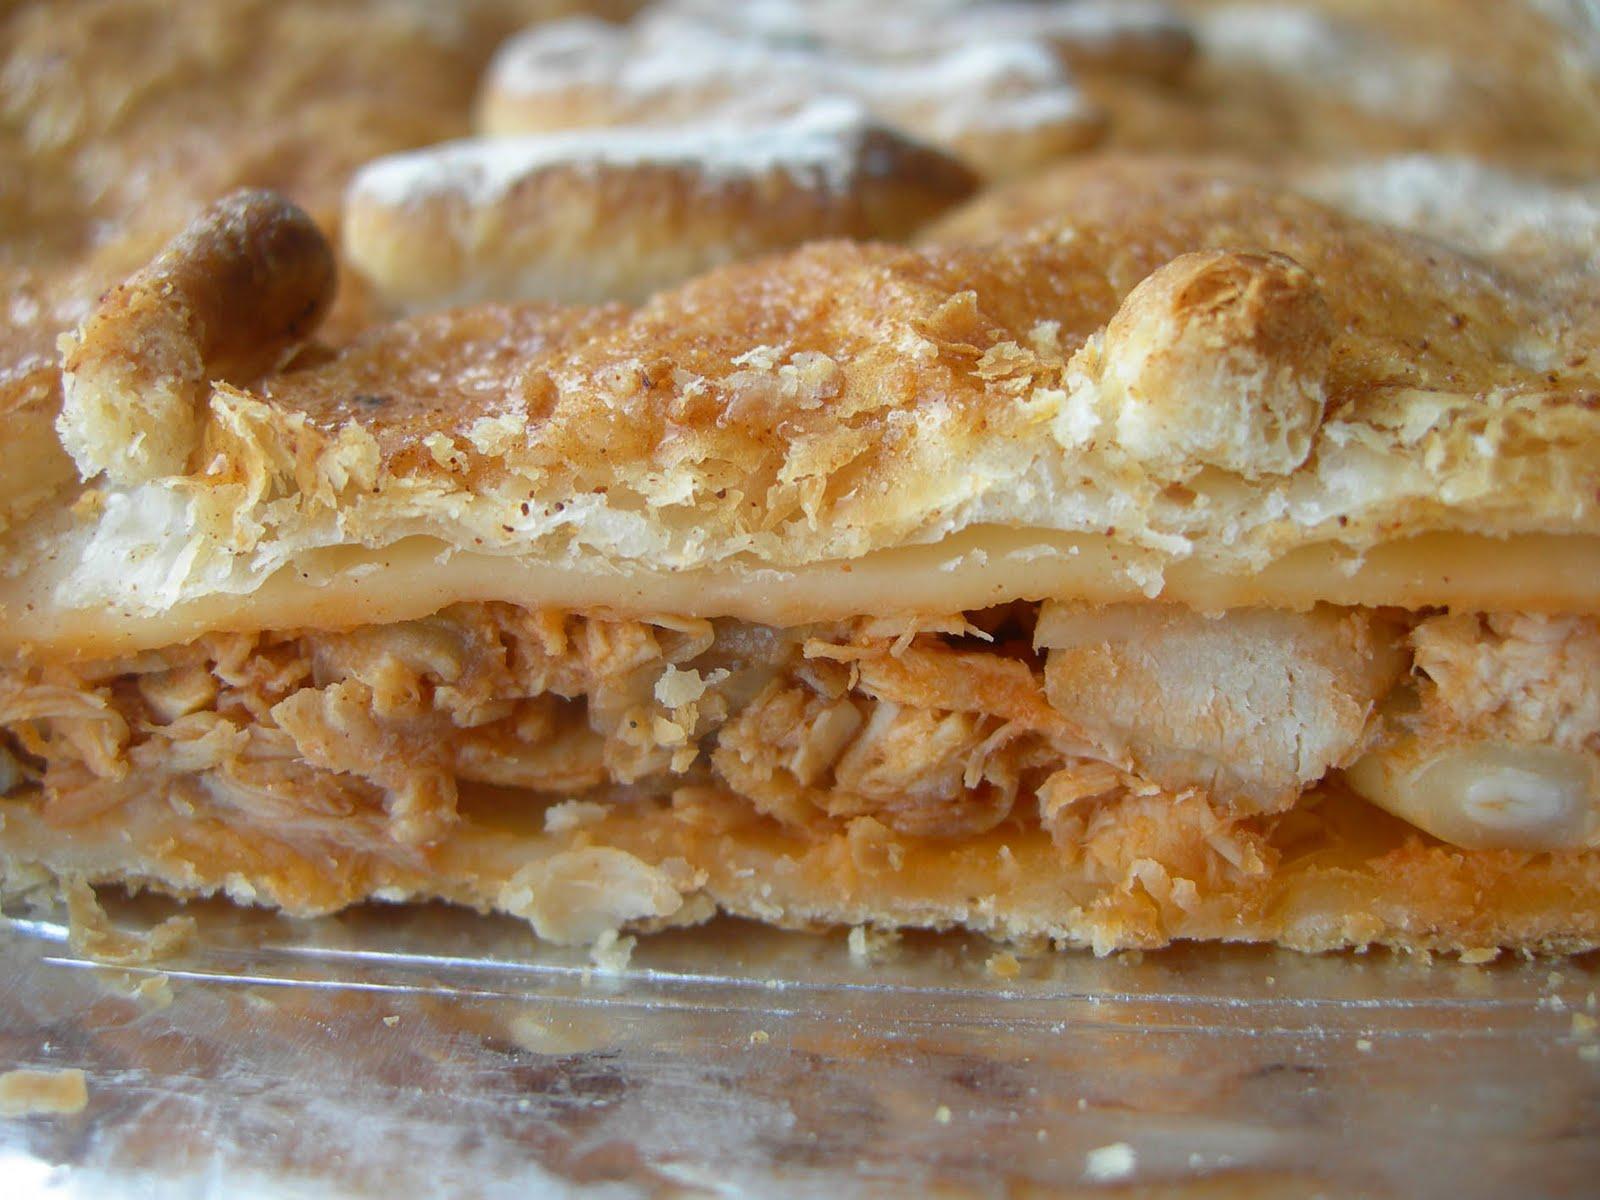 Cocinando entre olivos pastela moruna receta paso a paso for Cocinando entre olivos